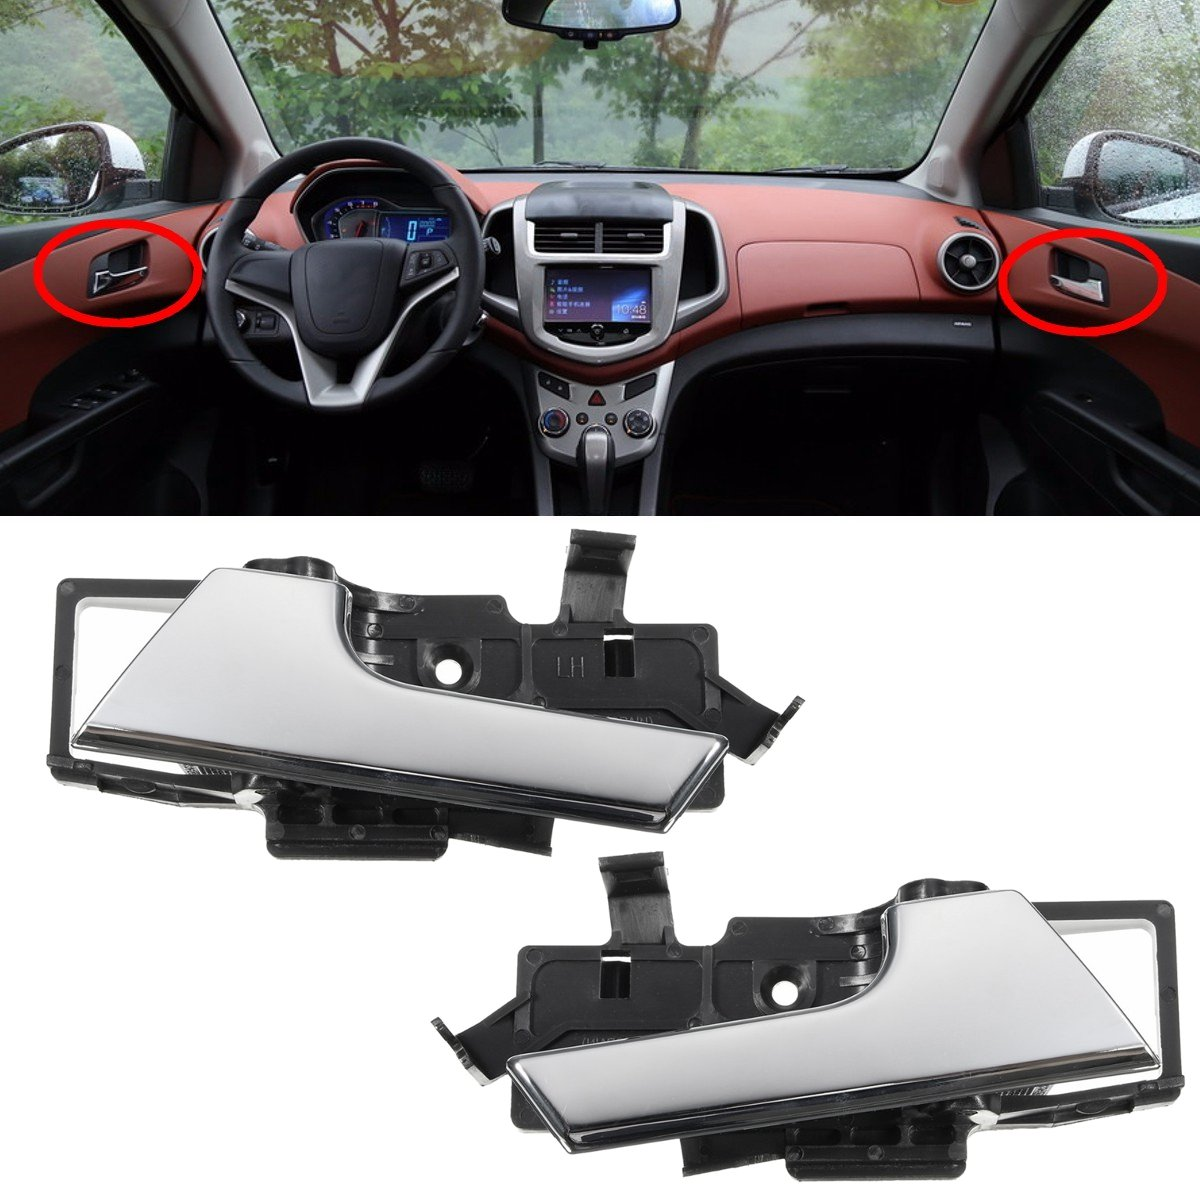 96462710 Auto Interieur Deurklink Rechts/Links Voor Chevrolet Aveo 2007 2008 2009 2010 2011 Aveo5 Voor Pontiac G3 auto Styling